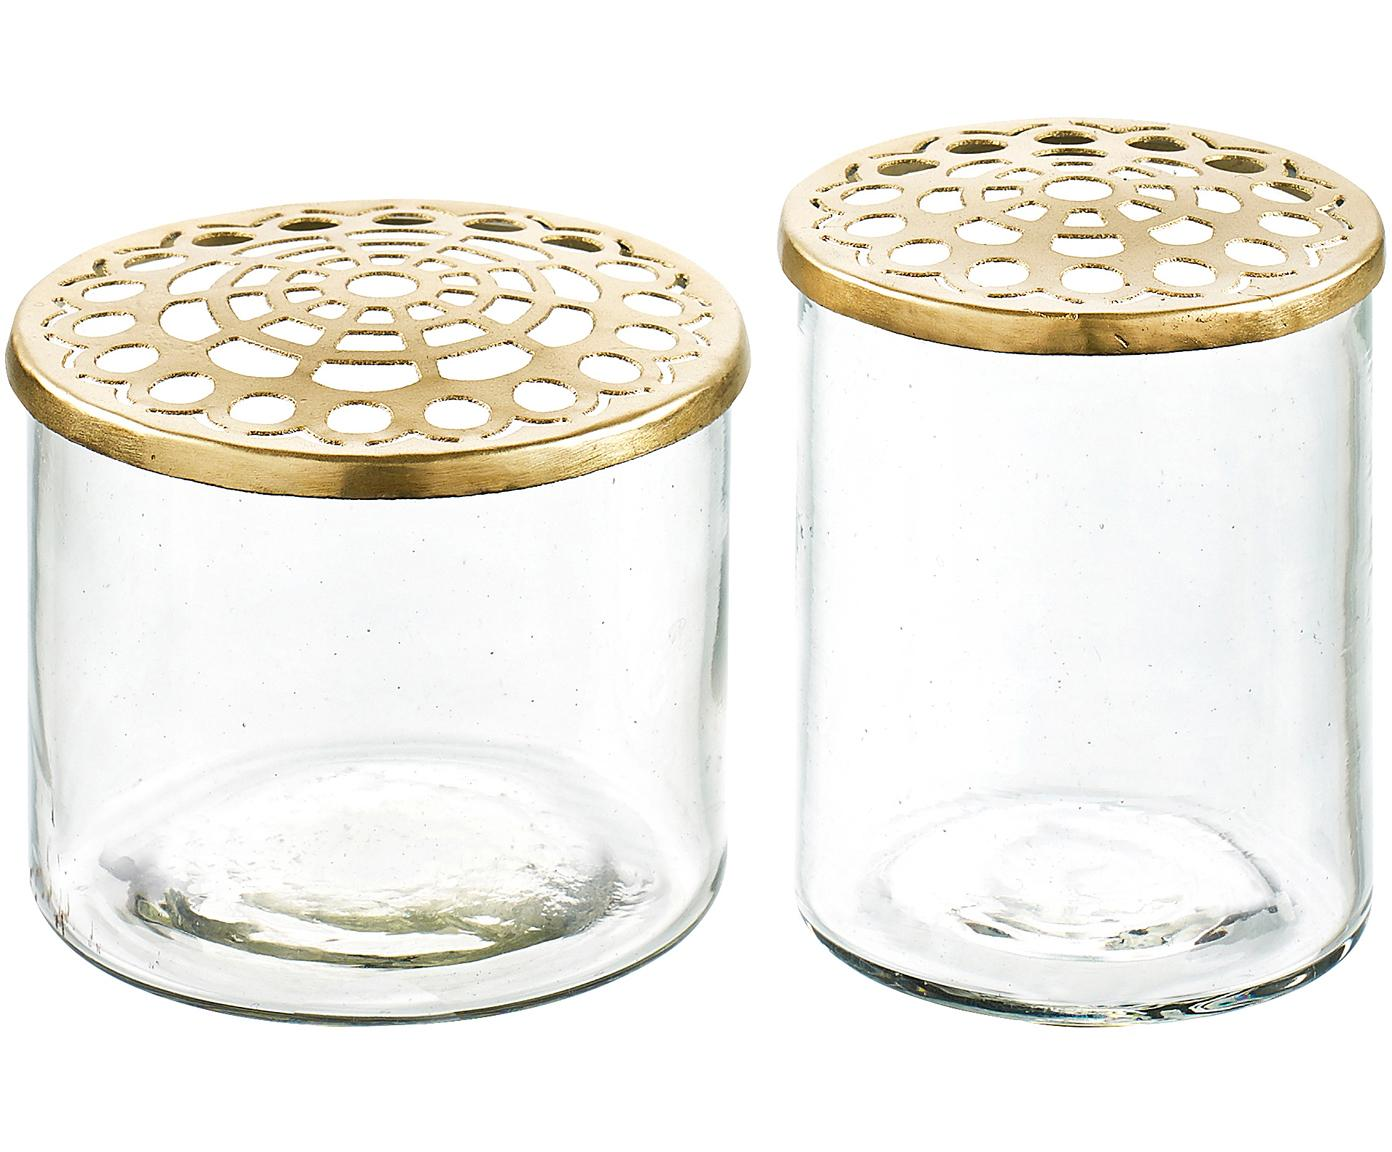 Komplet wazonów XS z metalową pokrywką Kastanje, 2 elem., Wazon: transparentny Pokrywka: mosiądz, Różne rozmiary